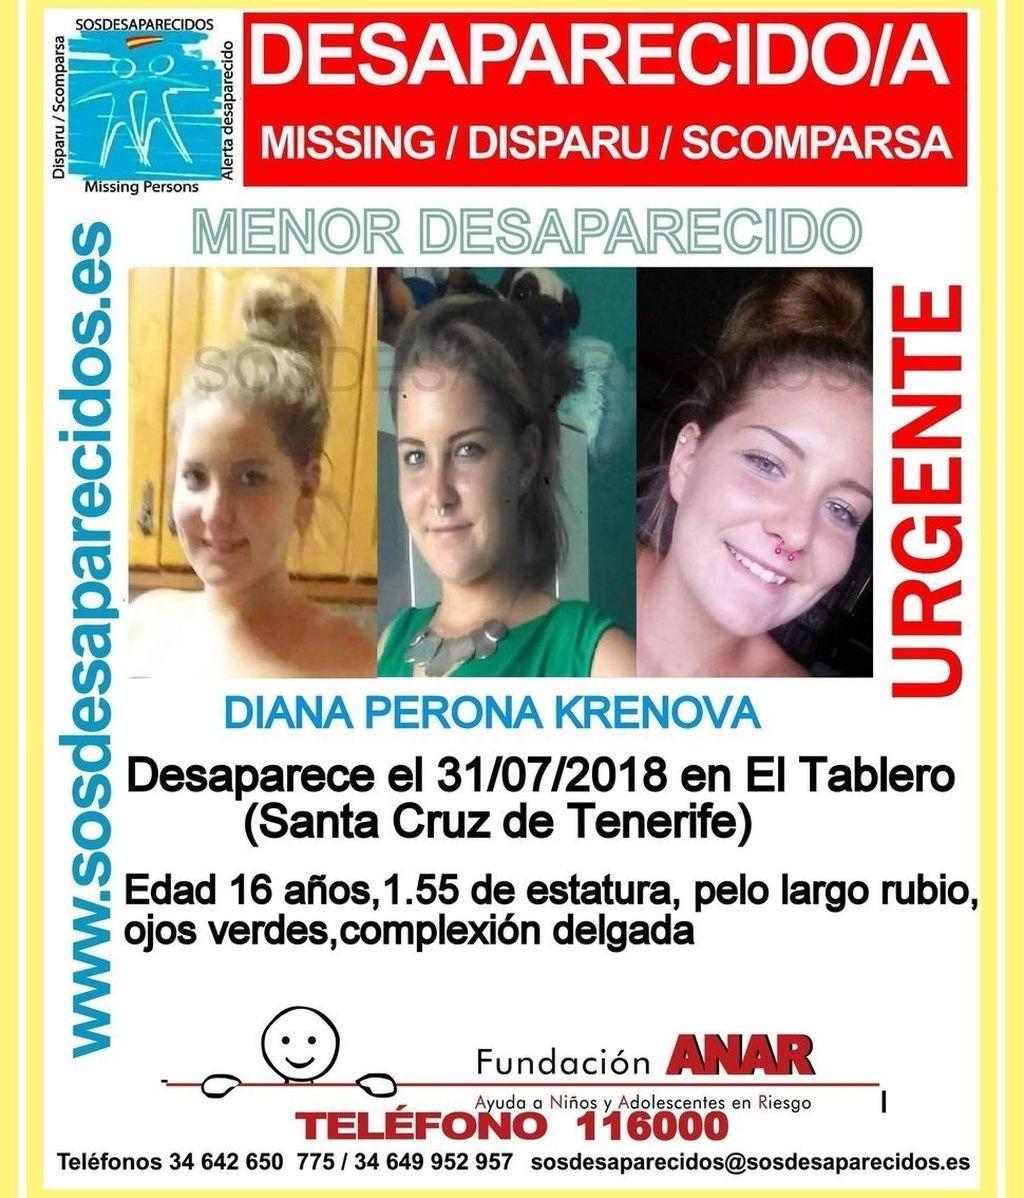 Desaparecida en Tenerifer Diana Perona Krenova, una menor de 16 años